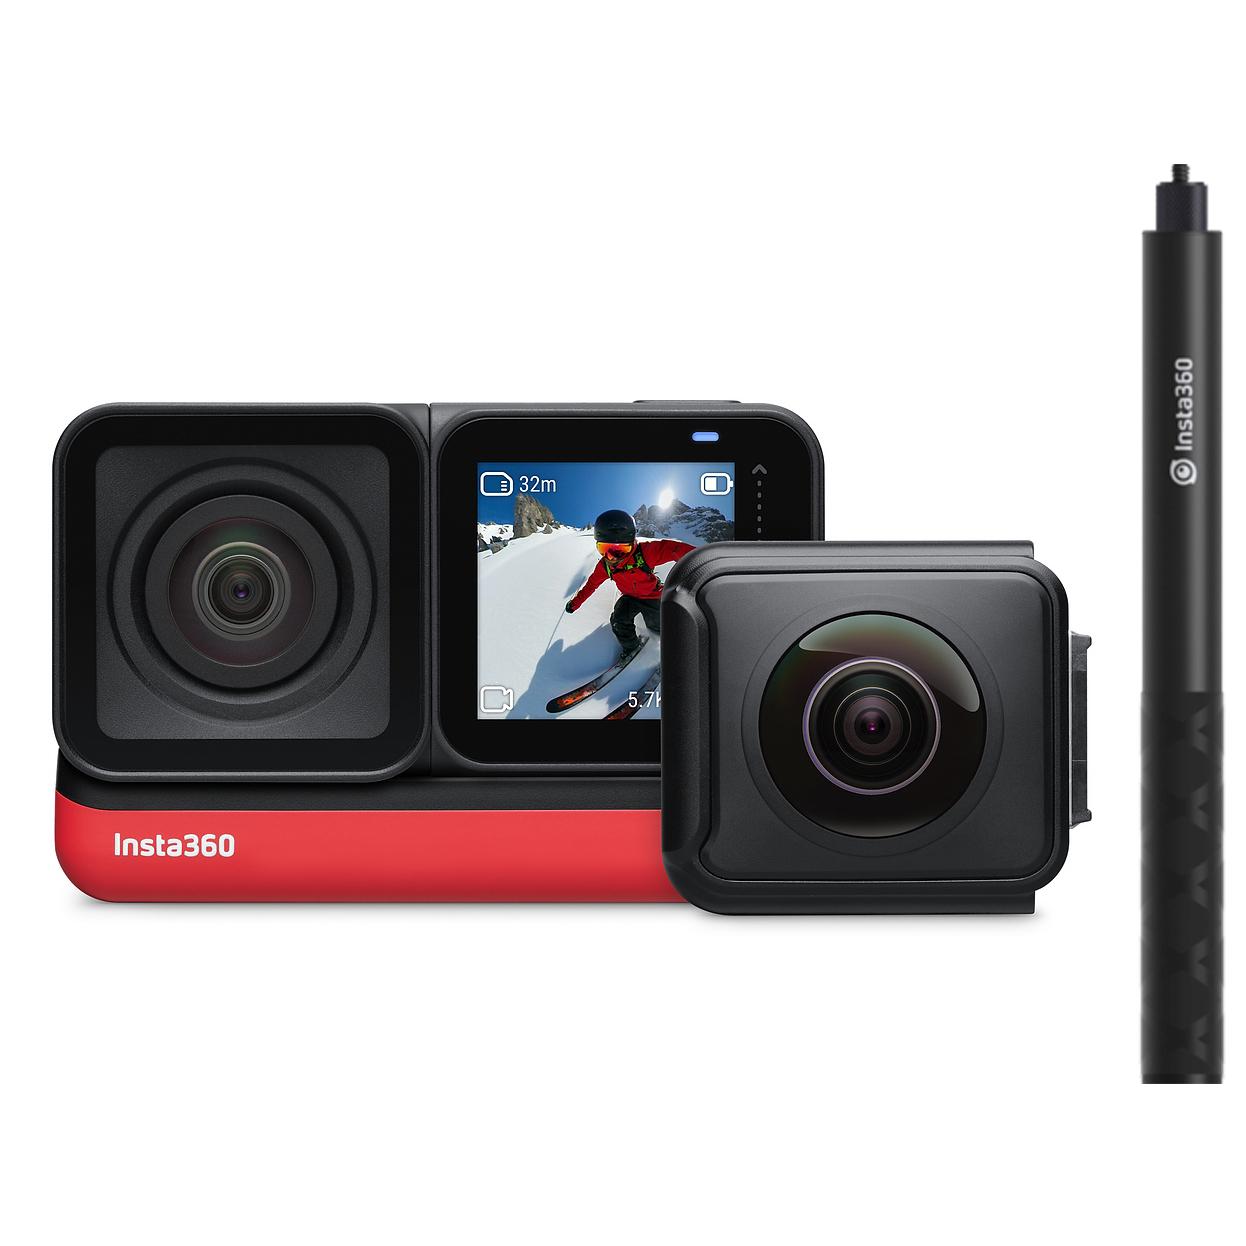 دوربین فیلم برداری ورزشی اینستا 360 مدل ONE R Twin به همراه مونوپاد نامرئی اینستا 360